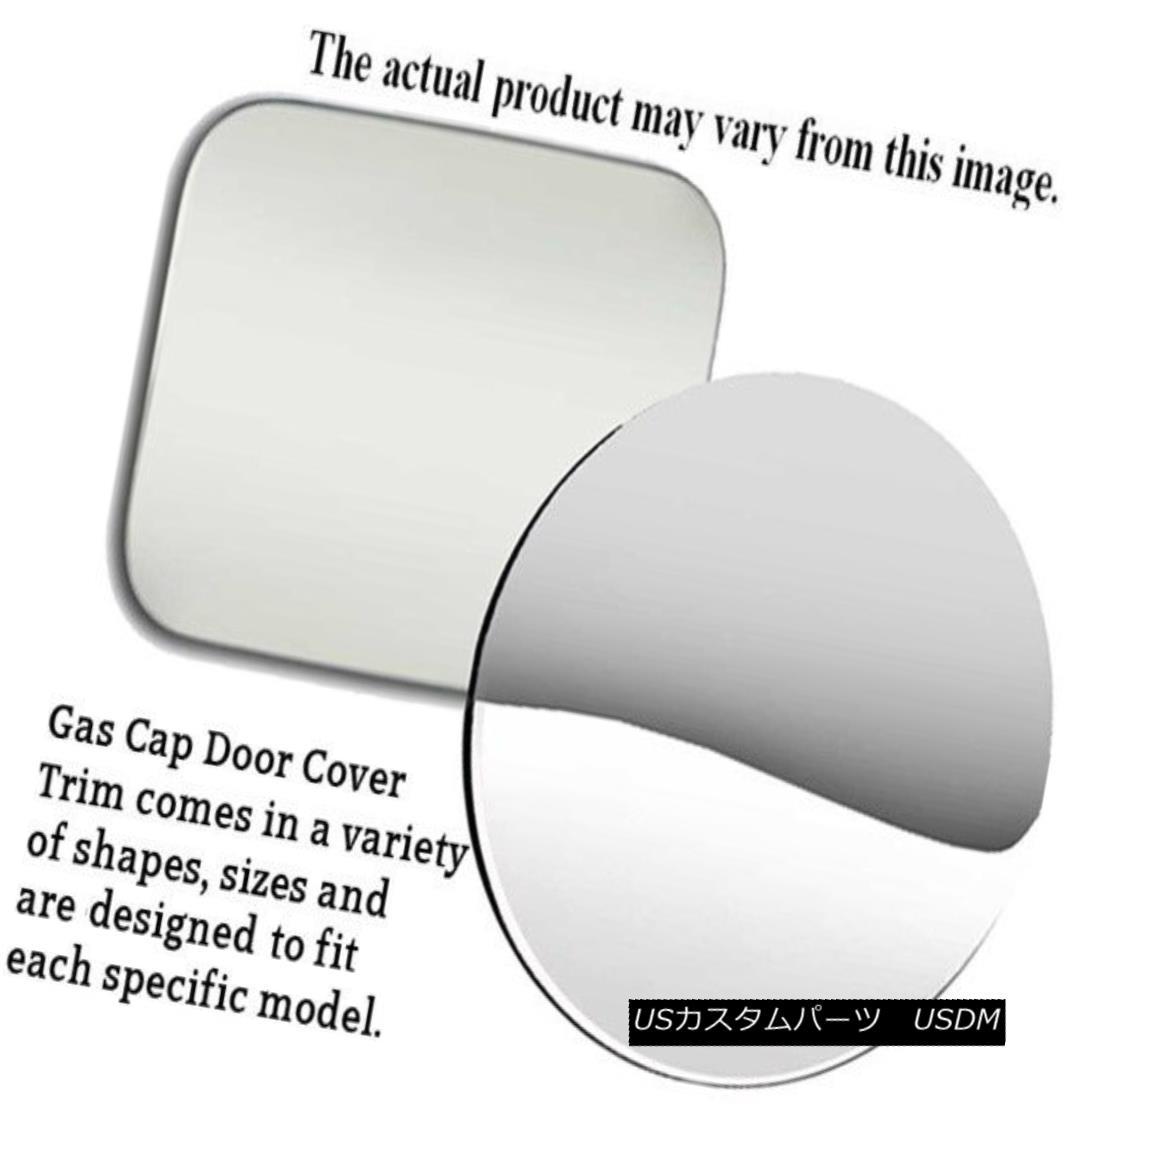 グリル Fits 2003-2007 HONDA ACCORD 4-door -Stainless Steel GAS CAP DOOR 2003-2007 HONDA ACCORD 4ドアステンレススチールガスCAP DOOR